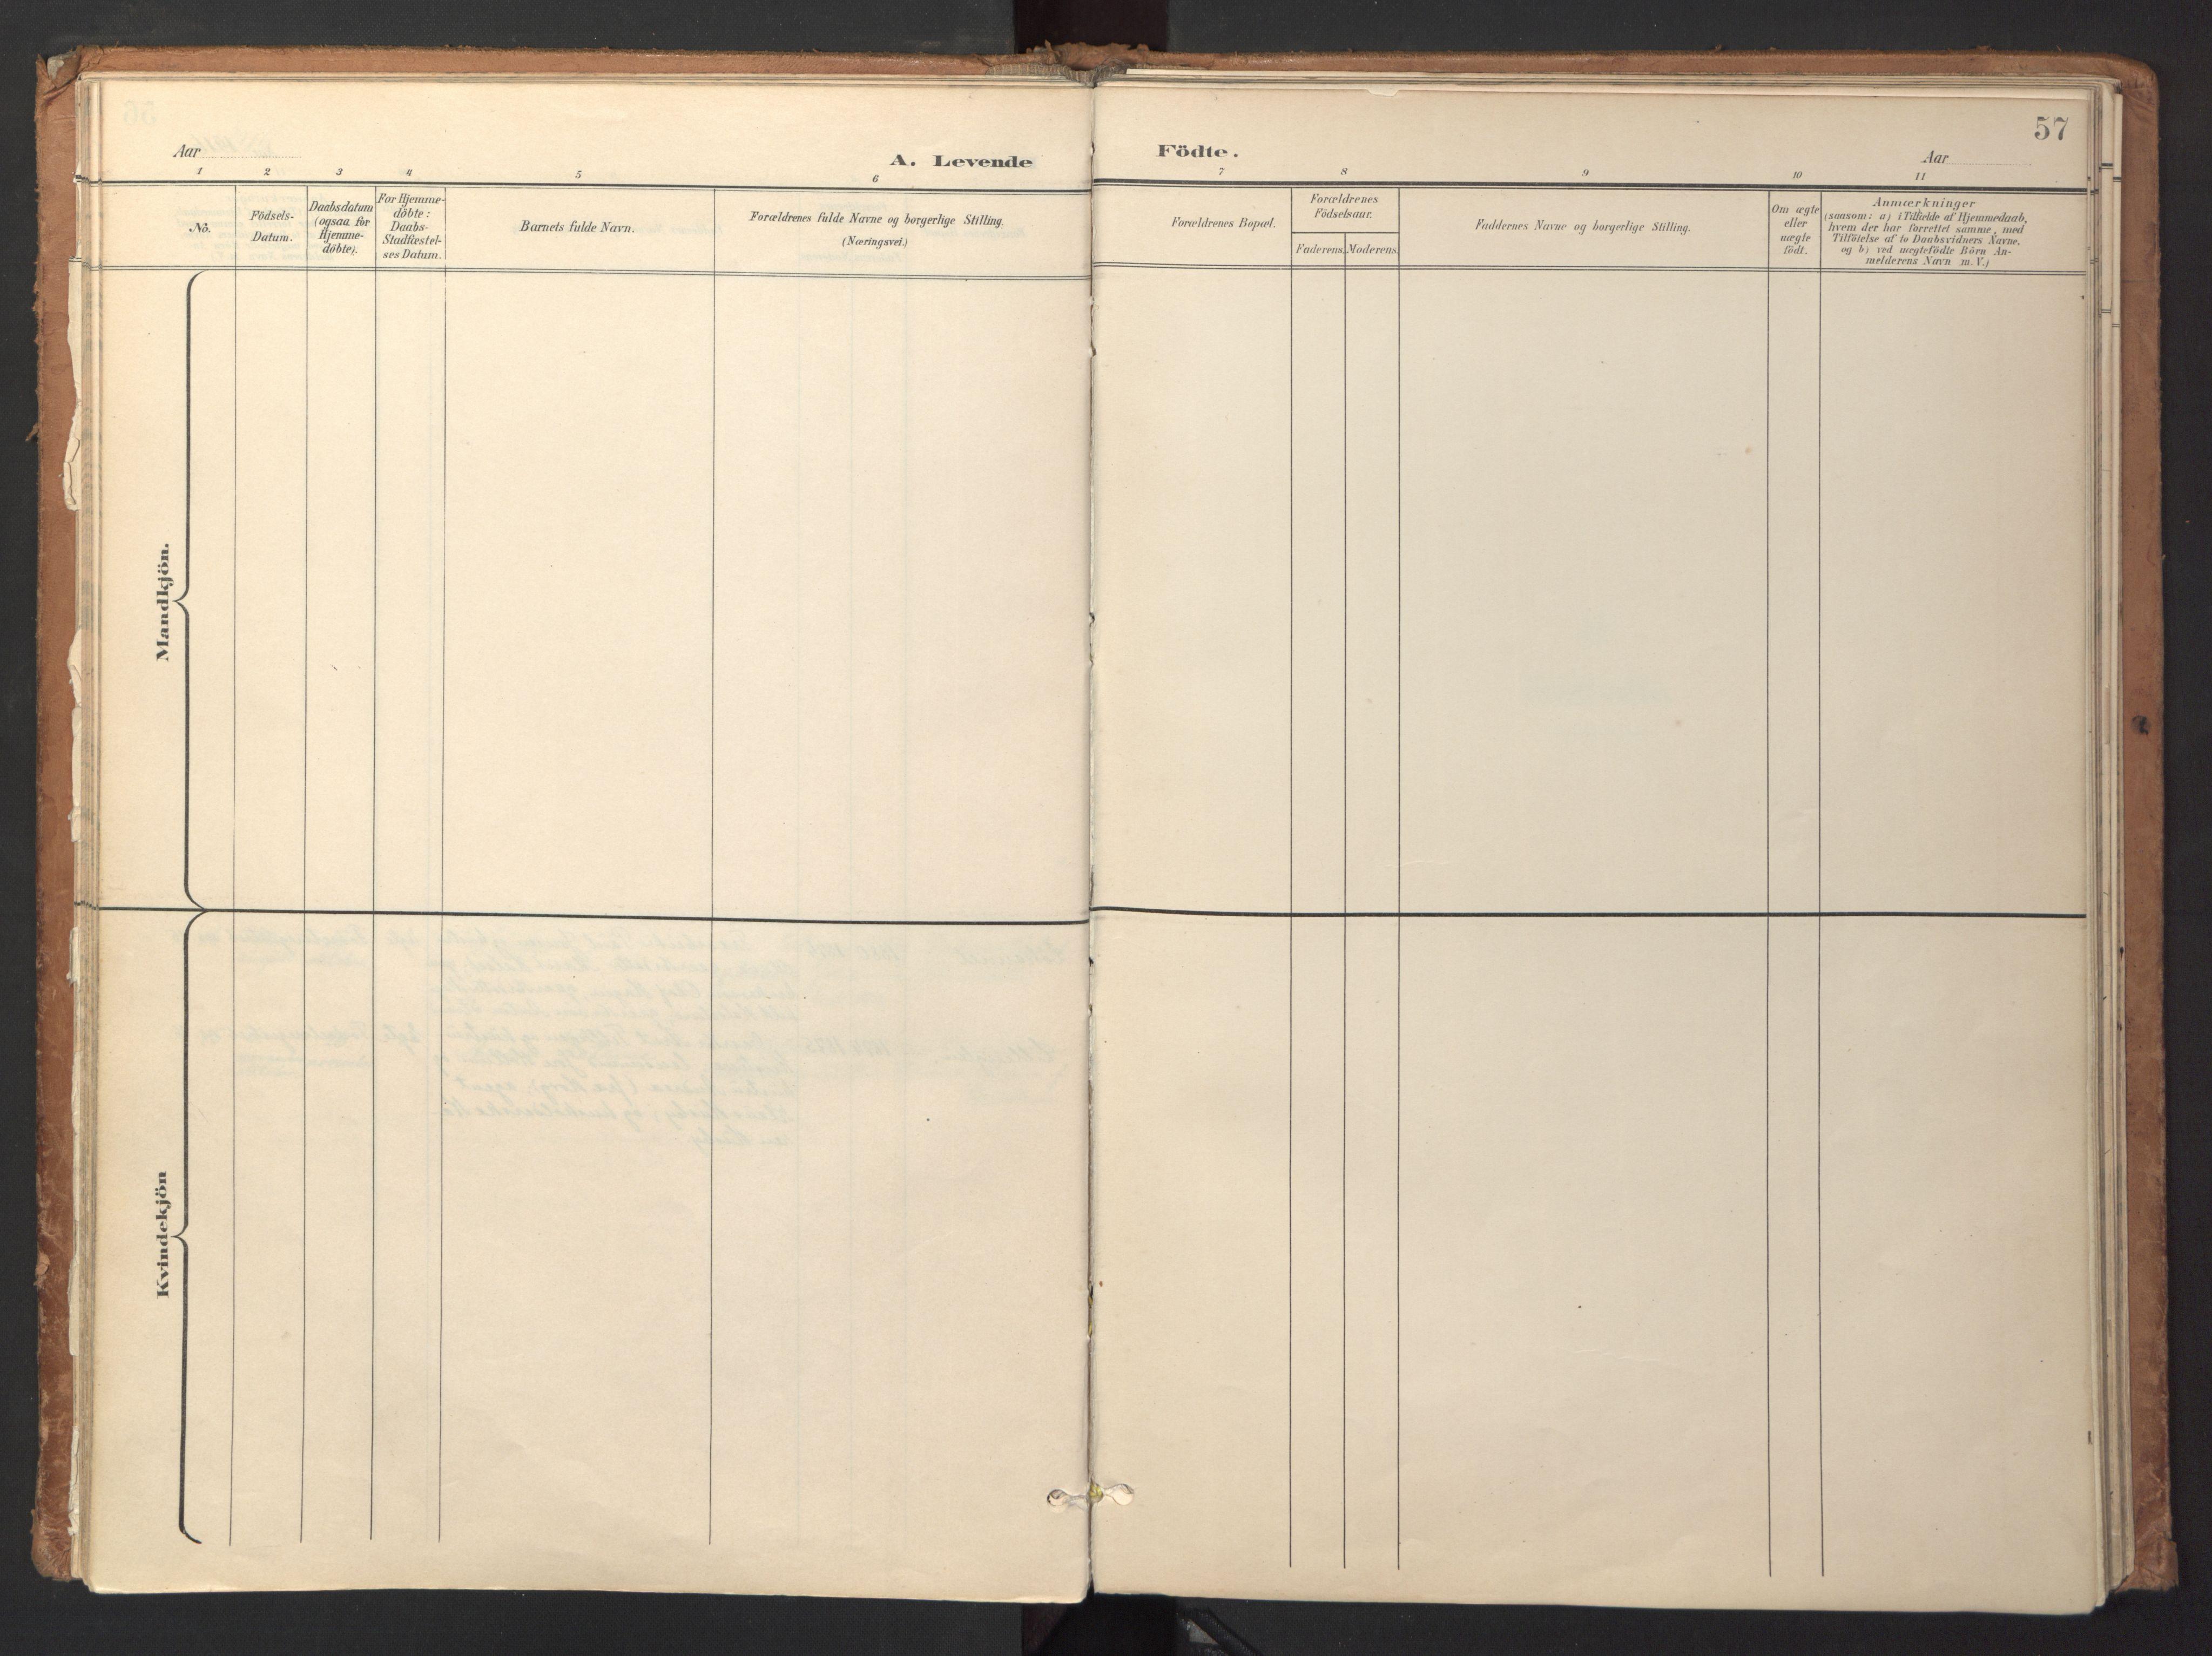 SAT, Ministerialprotokoller, klokkerbøker og fødselsregistre - Sør-Trøndelag, 618/L0448: Ministerialbok nr. 618A11, 1898-1916, s. 57